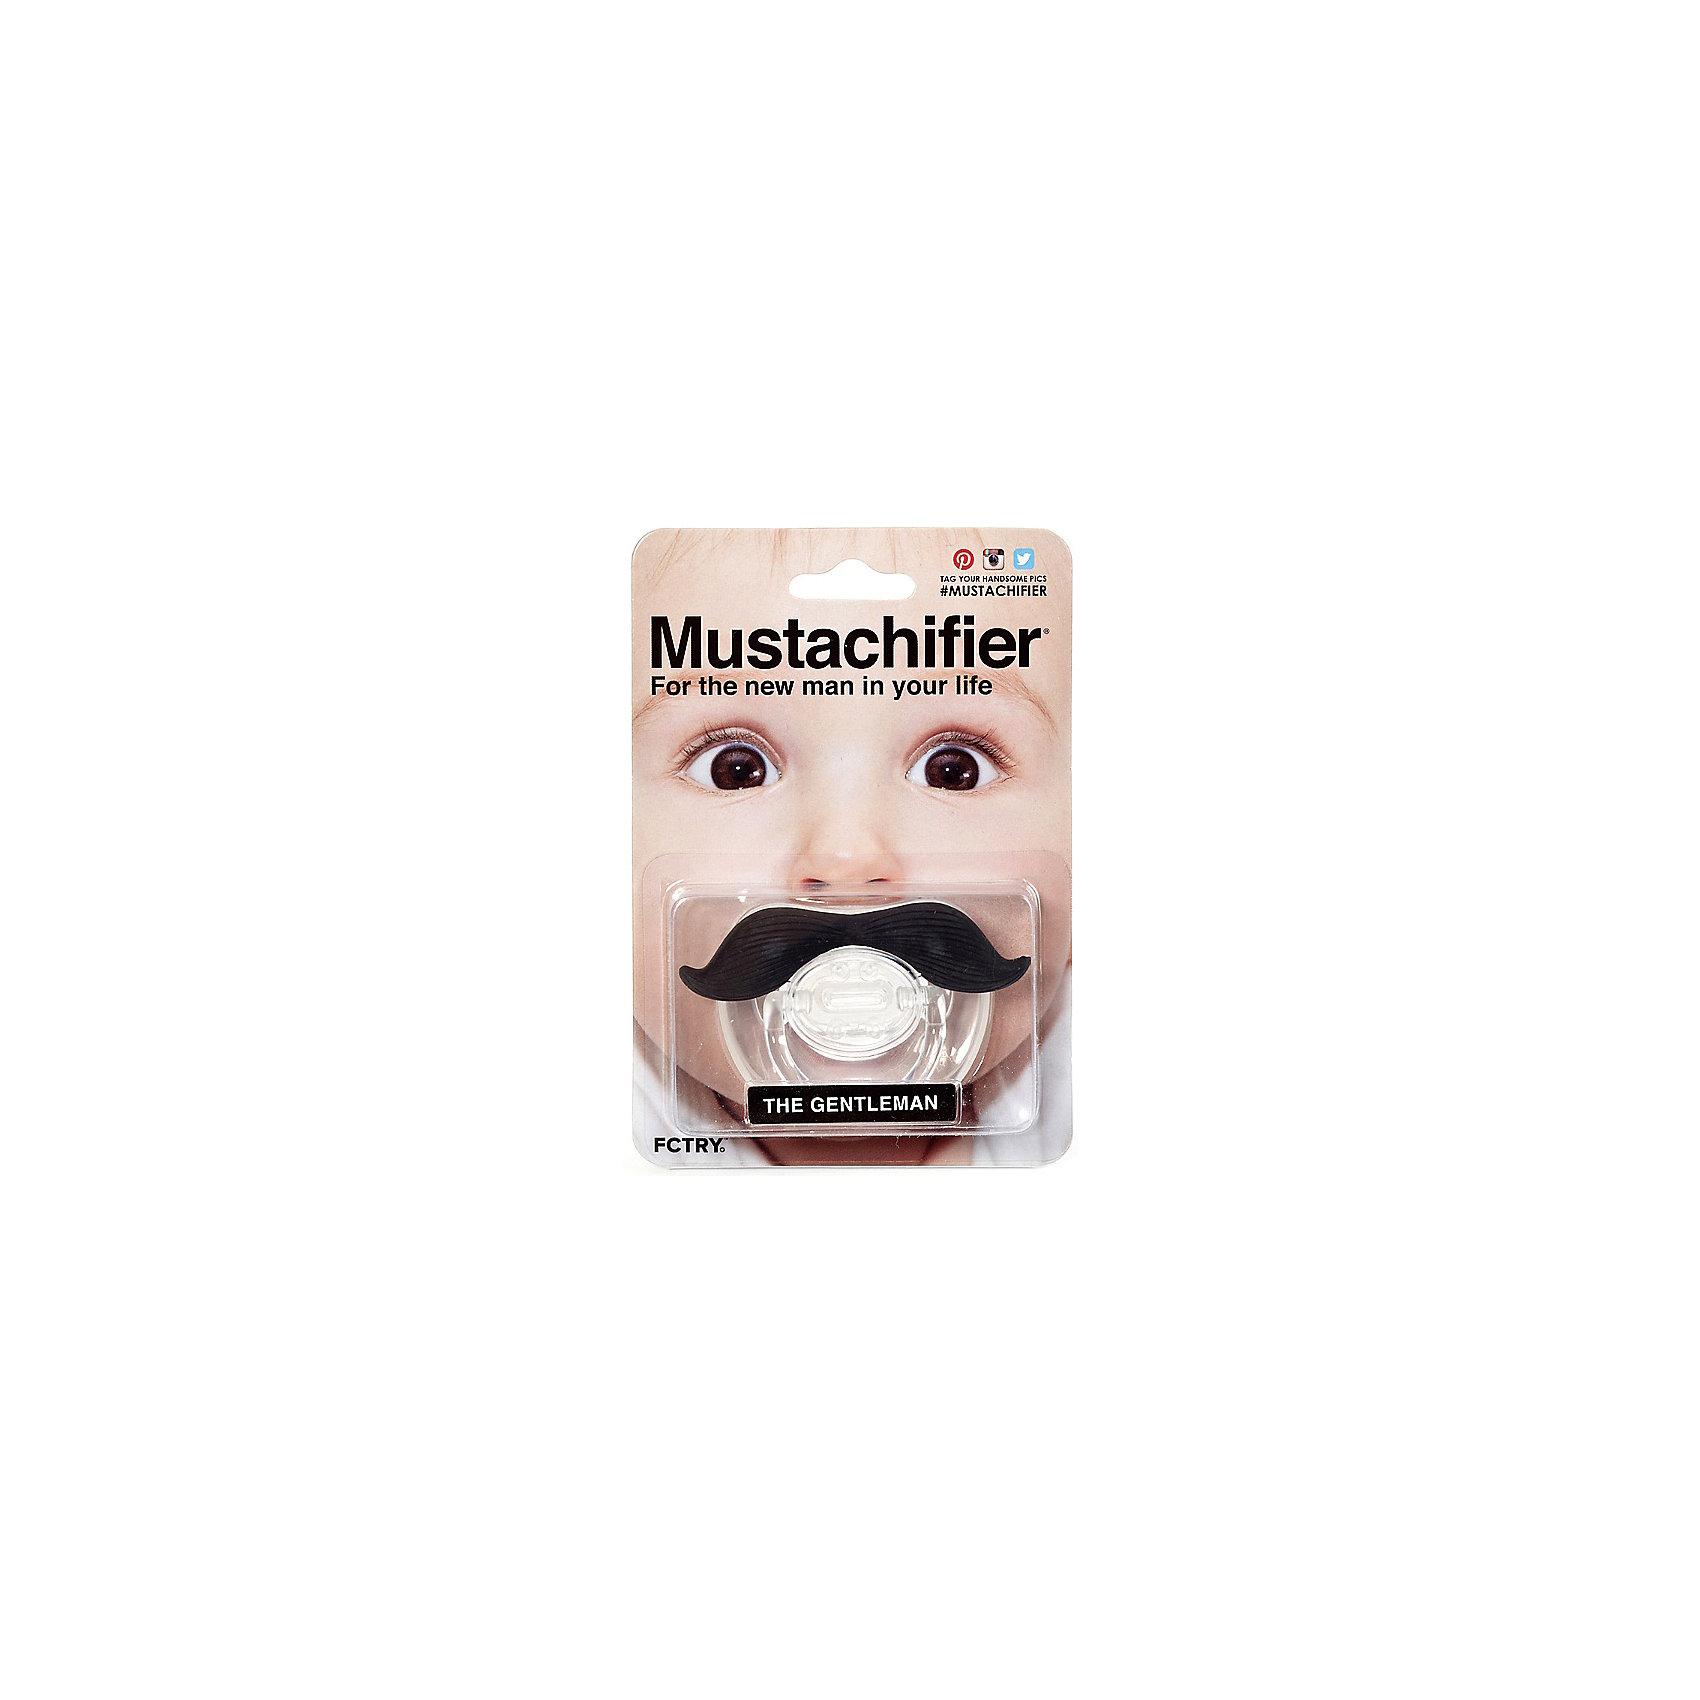 Соска-пустышка Джентельмен (The Gentleman), MustachifierСоска-пустышка Джентльмен (The Gentleman), Mustachifier.<br><br>Характеристики:<br>• изготовлена из качественного пищевого силикона<br>• не содержит бисфенол-А<br>• имеет антисептическое покрытие<br>• ортодонтическая форма<br>• помогает сформировать правильный прикус<br>• подвижная ручка<br>• защитный колпачок<br>• отверстия для вентиляции<br>• оригинальный дизайн<br><br>Соска-пустышка Джентльмен (The Gentleman), Mustachifier пригодится крохе в первый год жизни. Она изготовлена из высококачественного силикона с антисептическим покрытием. Ортодонтическая форма соски поможет сформировать правильный прикус у ребенка. В комплекте есть колпачок, который поможет защитить соску от пыли и грязи. Необычный дизайн с усами сделает из малыша настоящего джентльмена. Отличный вариант для необычной фотосессии малыша!<br><br>Соску-пустышку Джентльмен (The Gentleman), Mustachifier вы можете приобрести в нашем интернет-магазине.<br><br>Ширина мм: 90<br>Глубина мм: 50<br>Высота мм: 125<br>Вес г: 33<br>Возраст от месяцев: 0<br>Возраст до месяцев: 36<br>Пол: Мужской<br>Возраст: Детский<br>SKU: 5068742